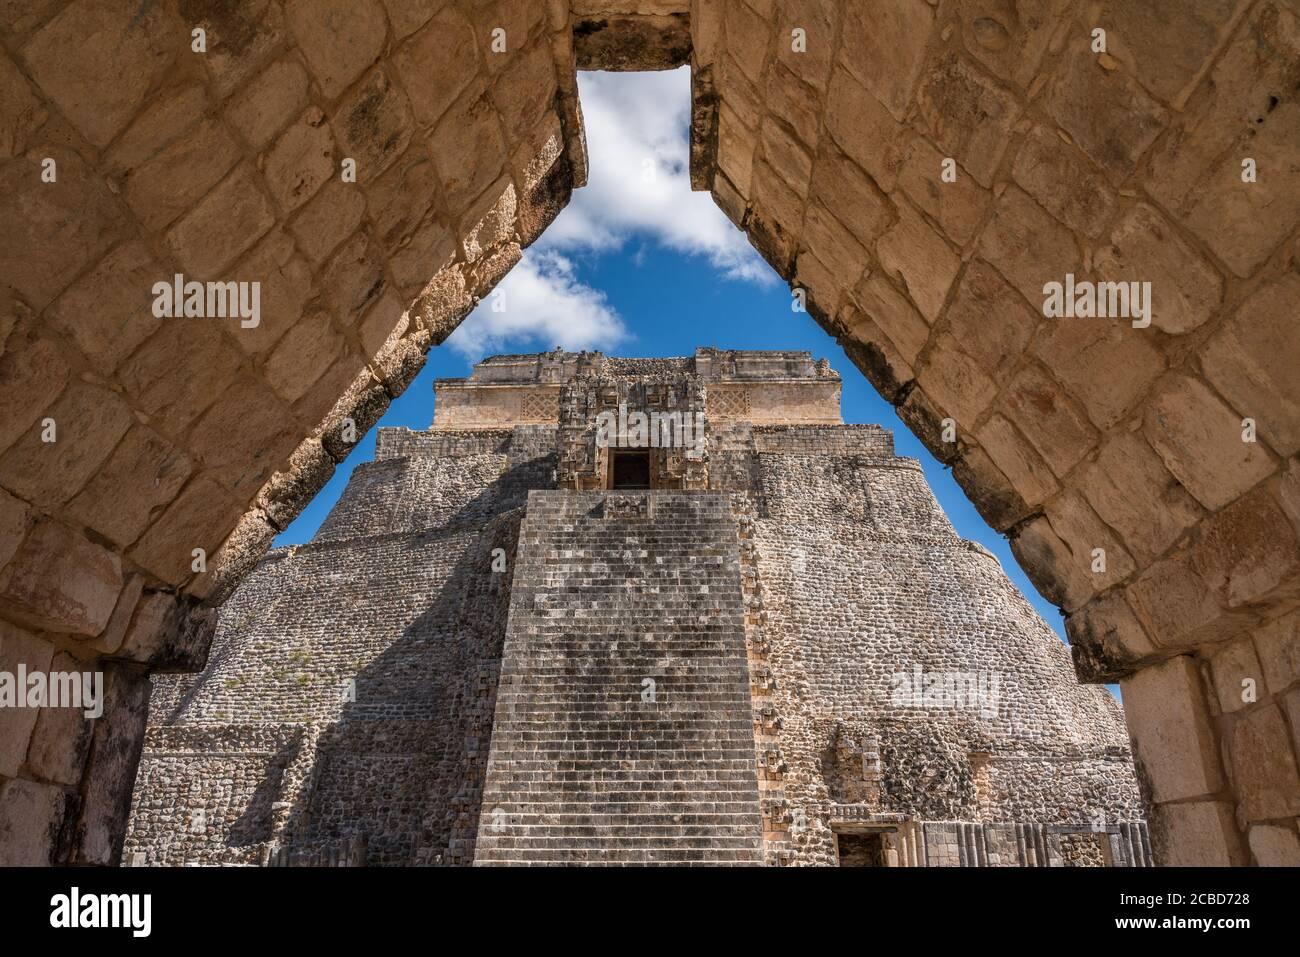 La fachada oeste de la Pirámide del Mago, también conocida como la Pirámide de los Dwarf, se enfrenta al cuadrilátero de las aves. Es el struo más alto Foto de stock